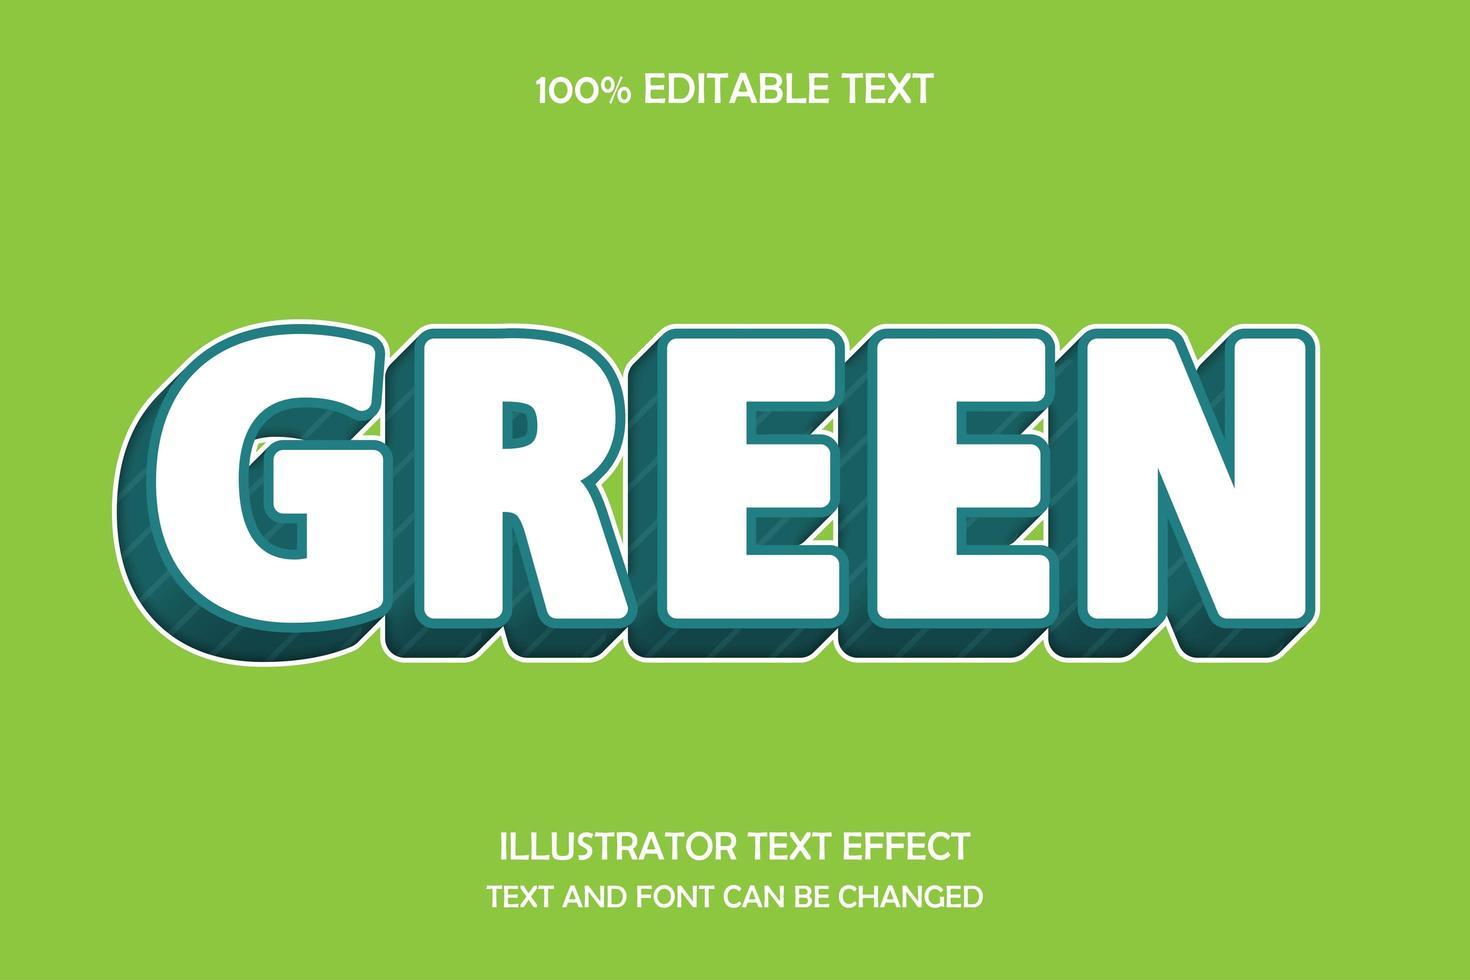 efeito de texto editável moderno verde vetor